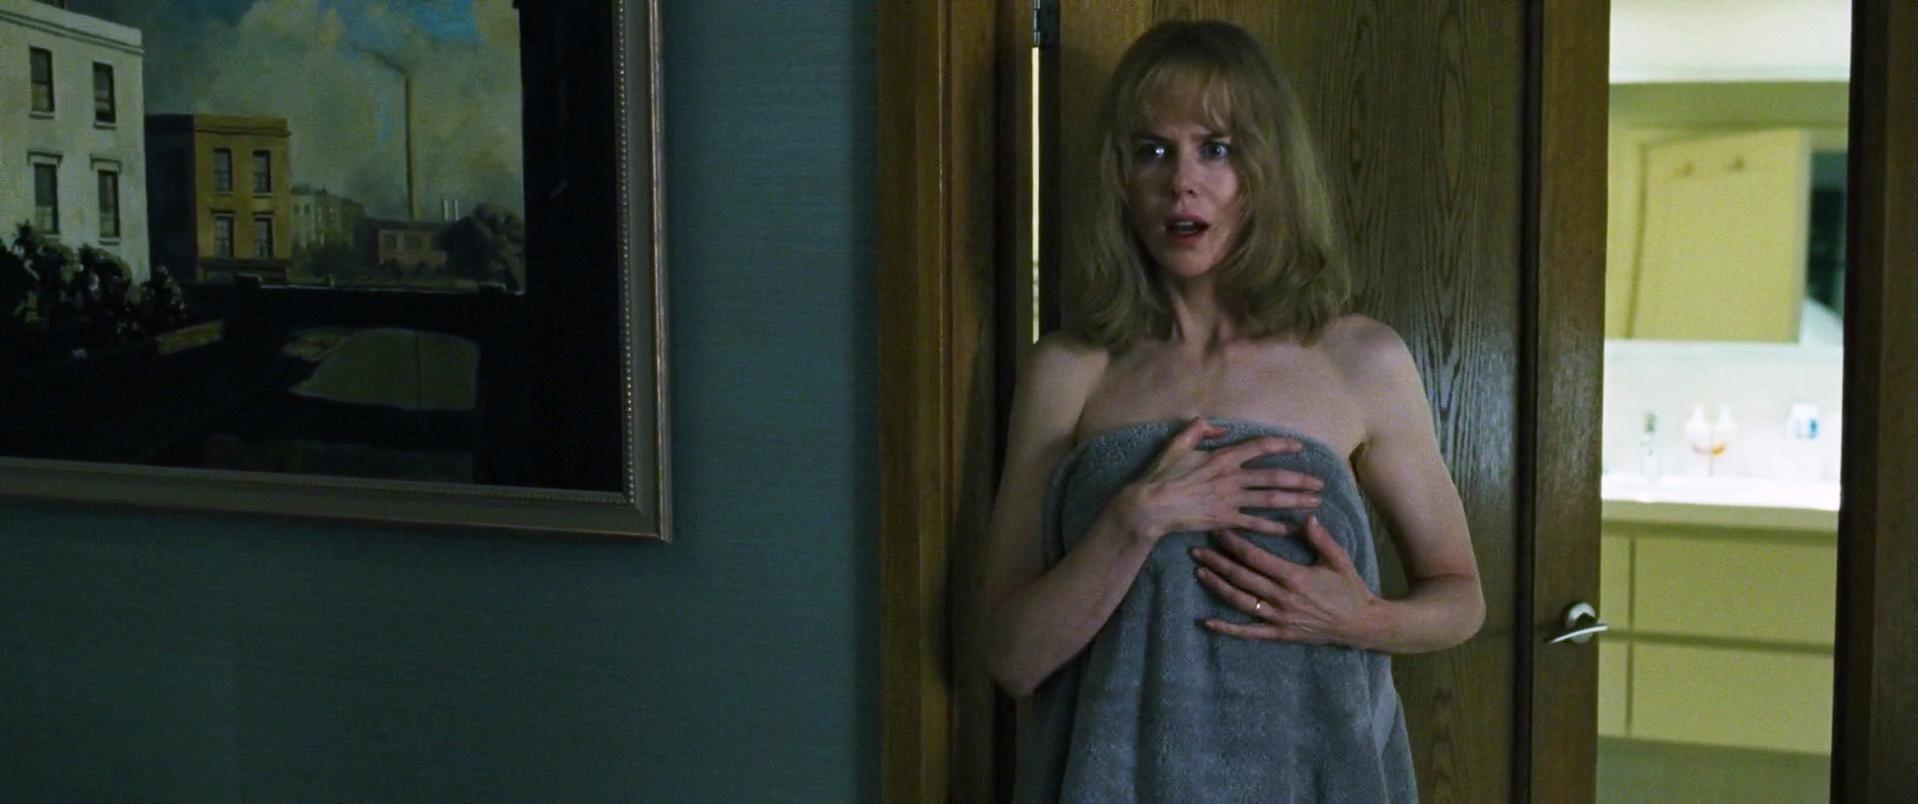 Nude video celebs  Nicole Kidman nude  Before I Go to